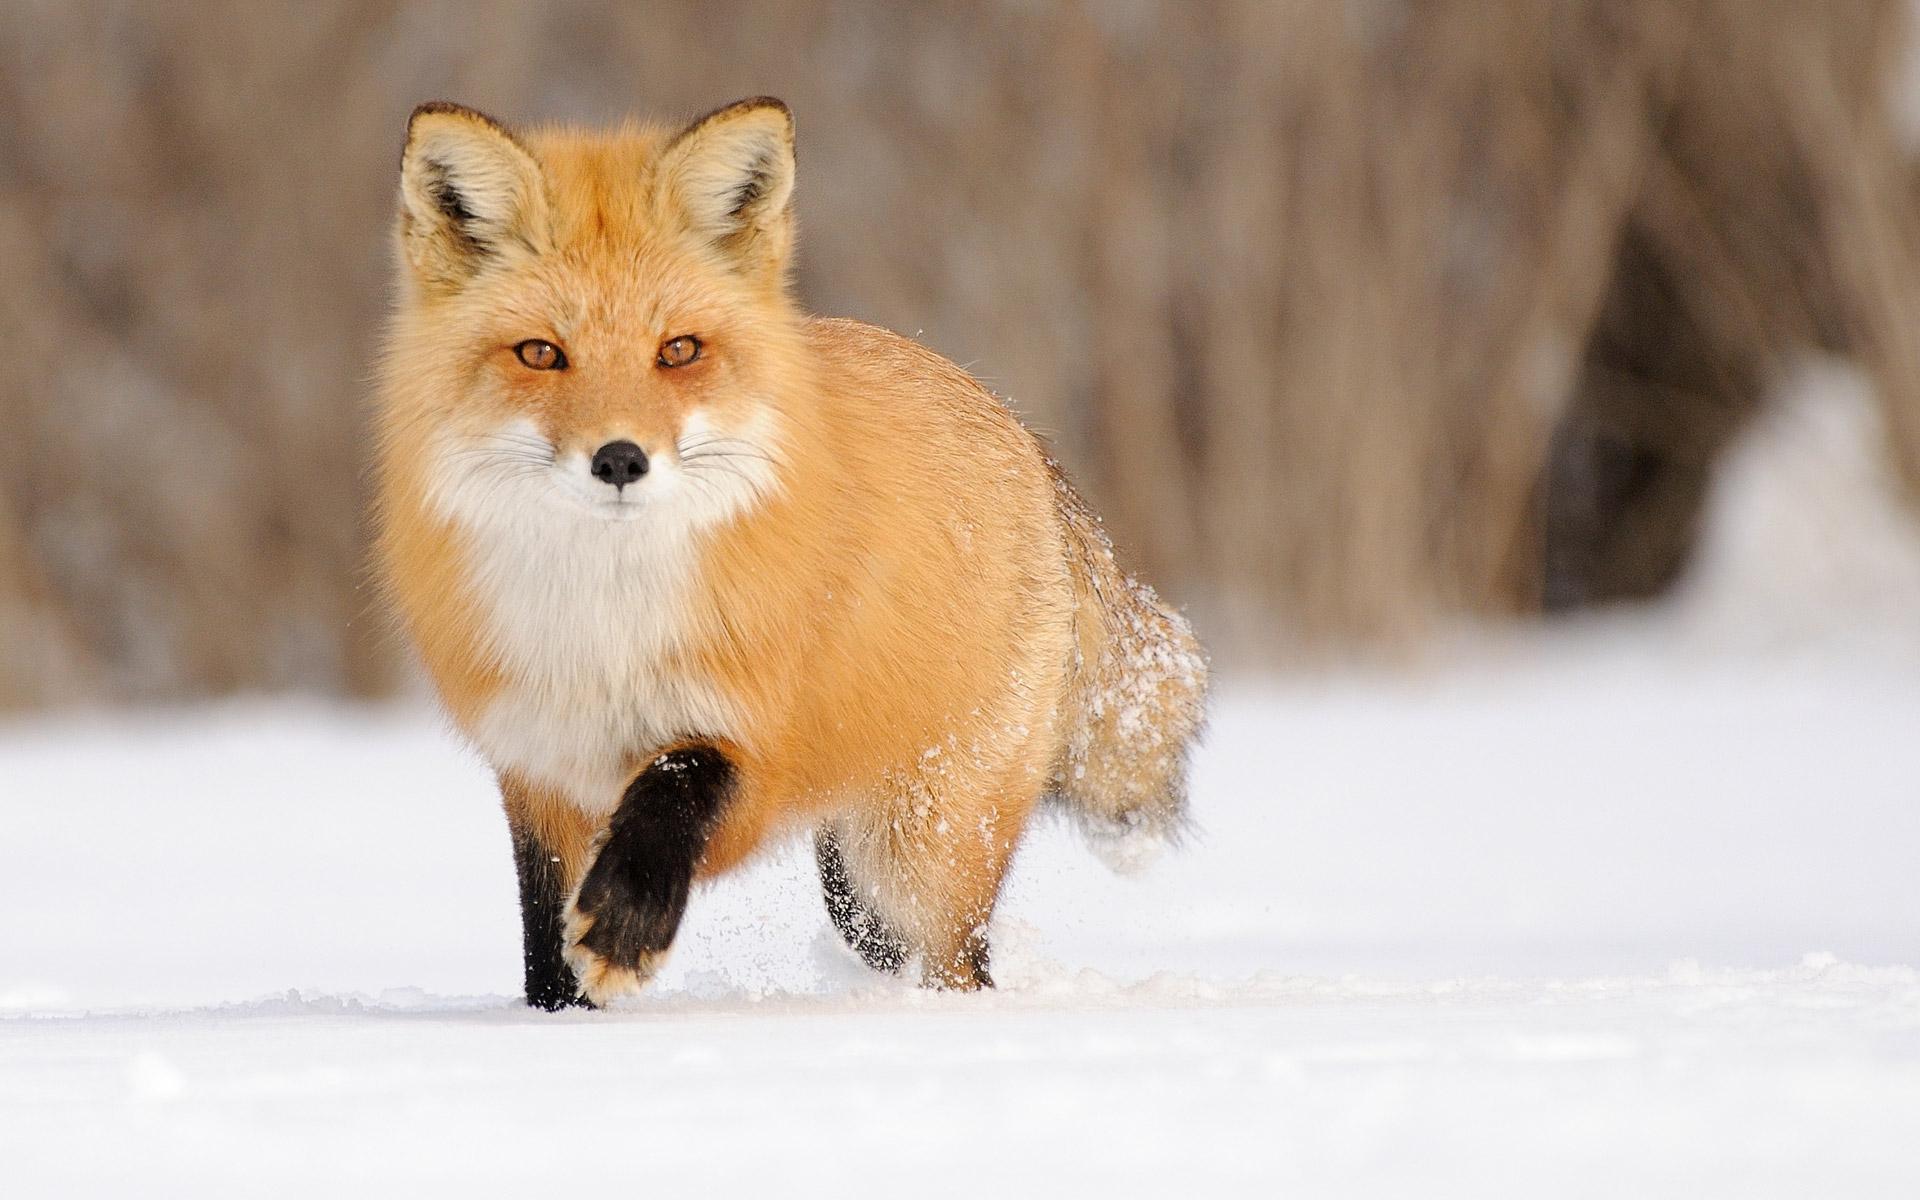 动物百态众生相:撩动人心的动物肖像